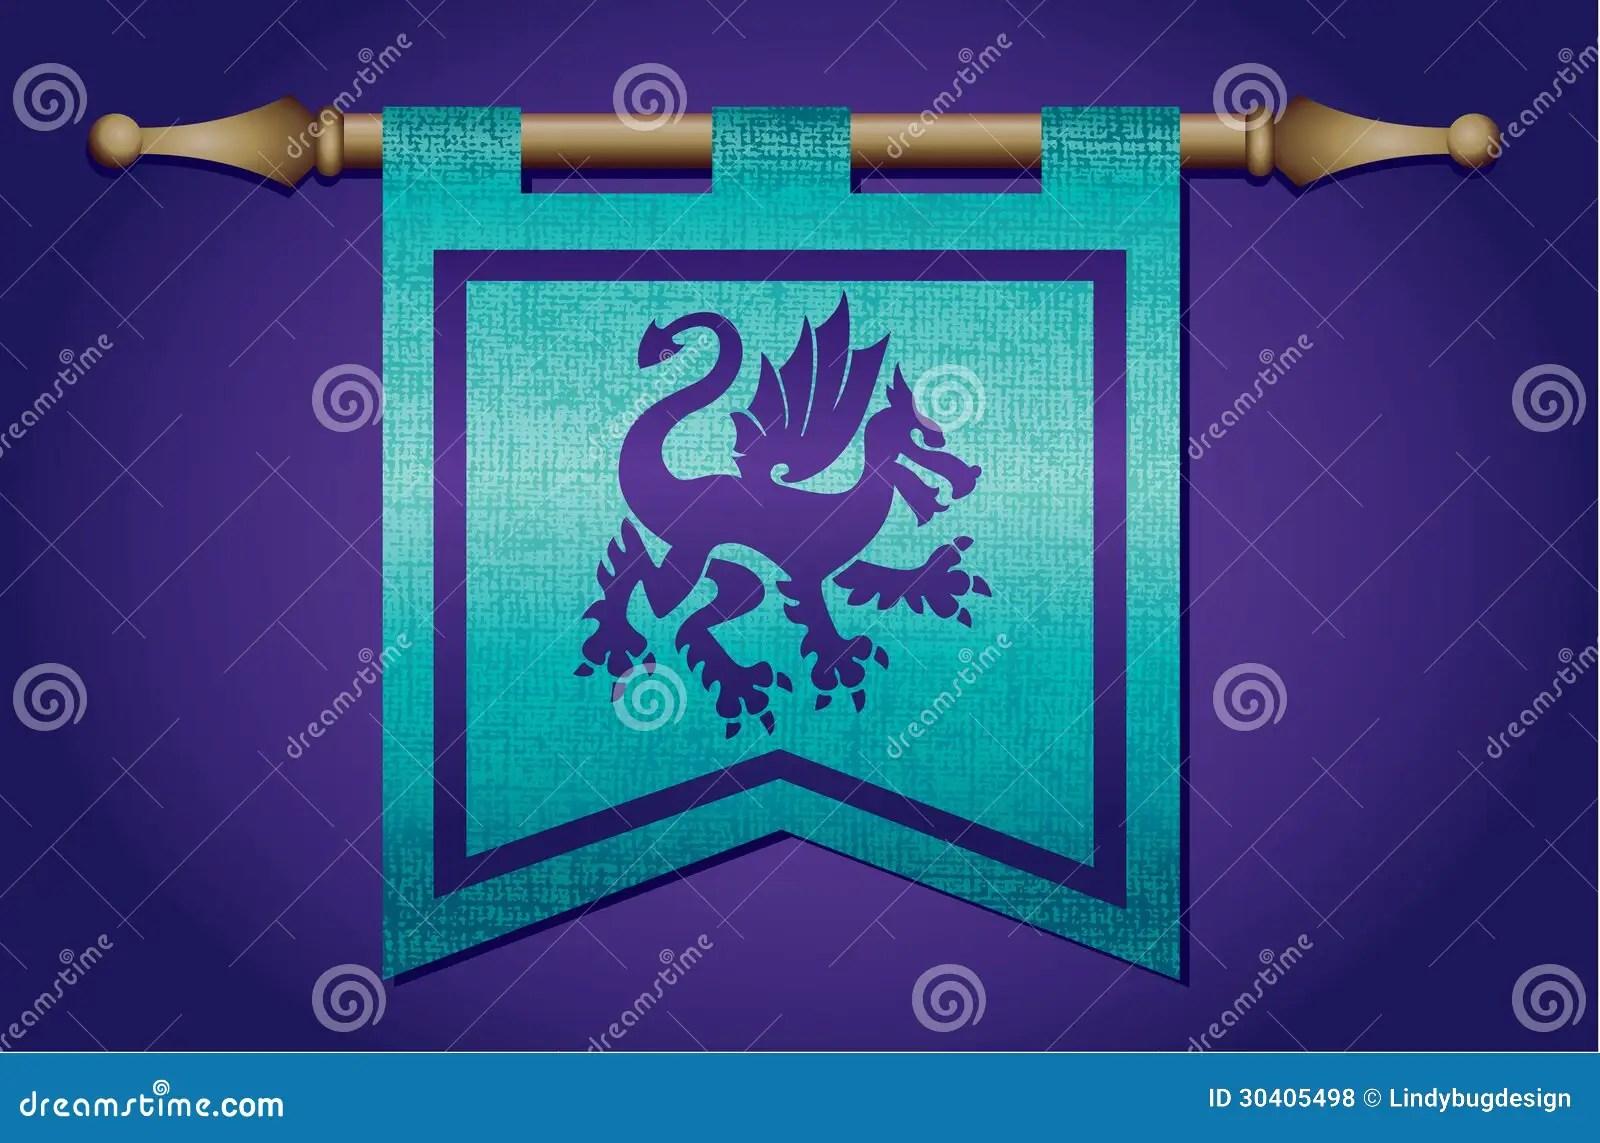 Middeleeuwse Vlag Met Draakembleem Vector Illustratie